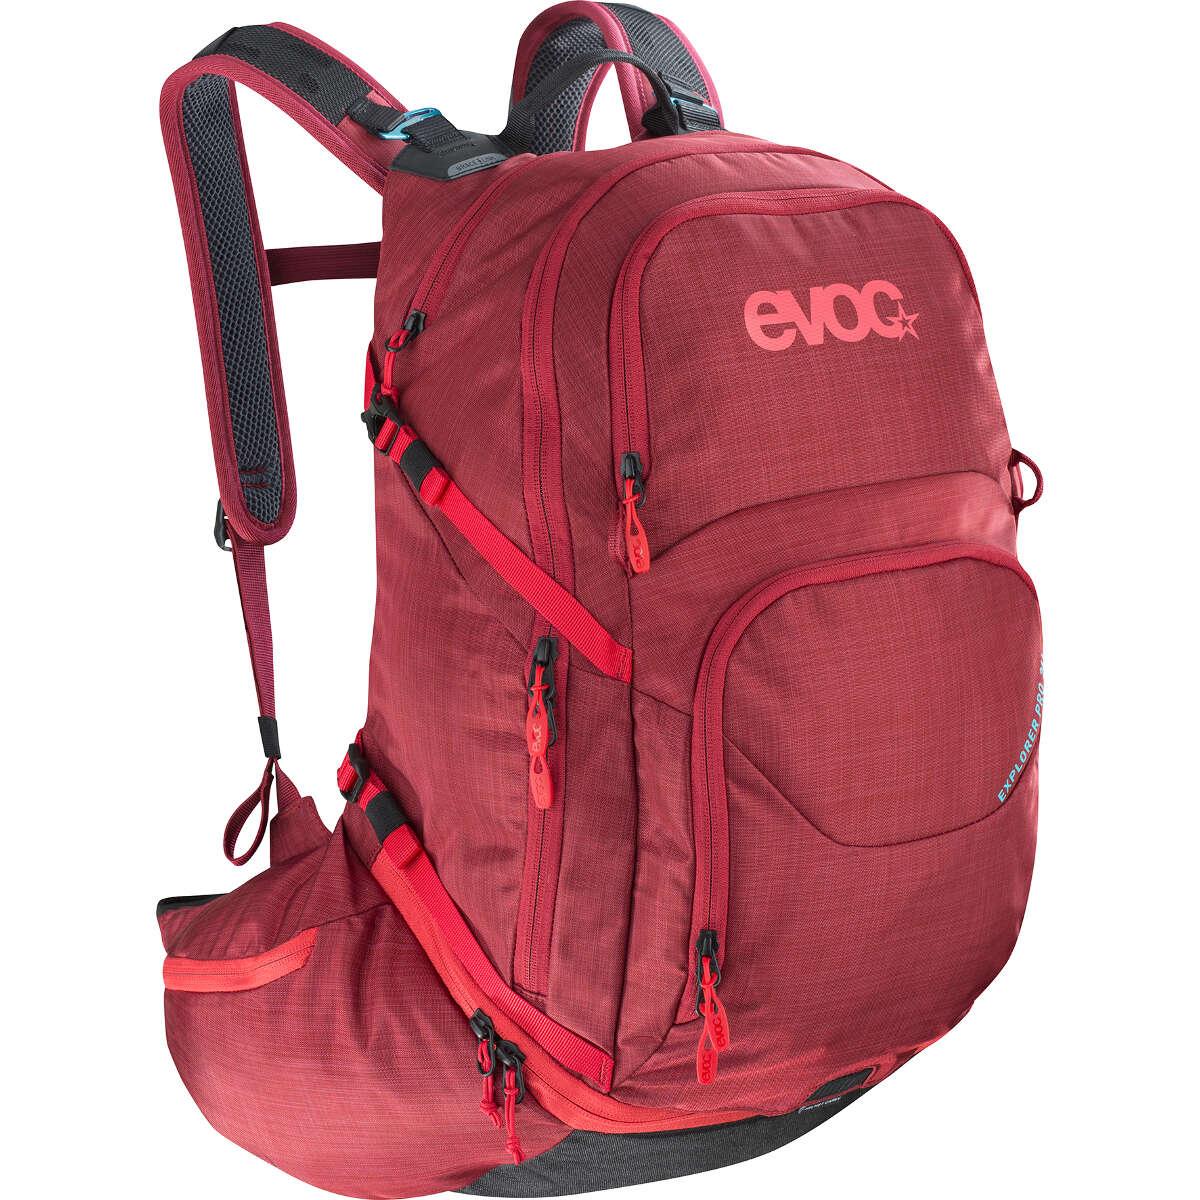 Evoc Rucksack mit Trinksystemvorrichtung Explorer Pro Heather Rubin, 26 Liter